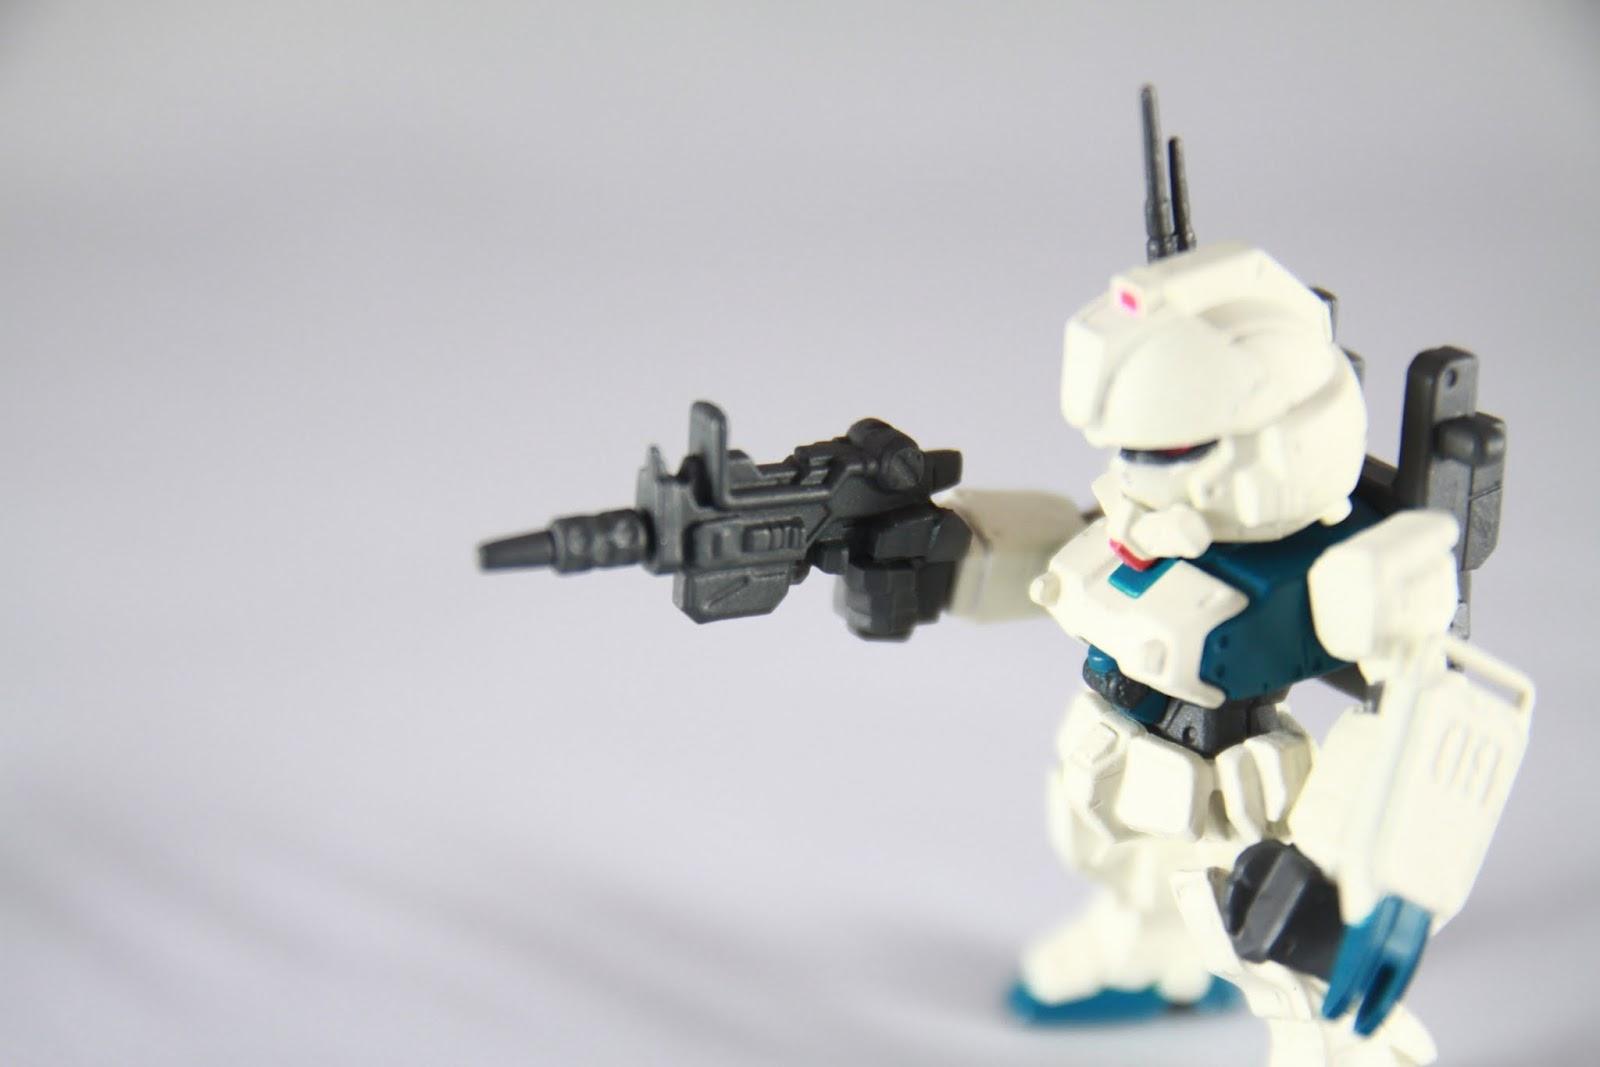 武器是機槍 我本來還期待隱藏版是他 這樣就有可能是180釐米迫擊砲了 我覺得那把比較帥